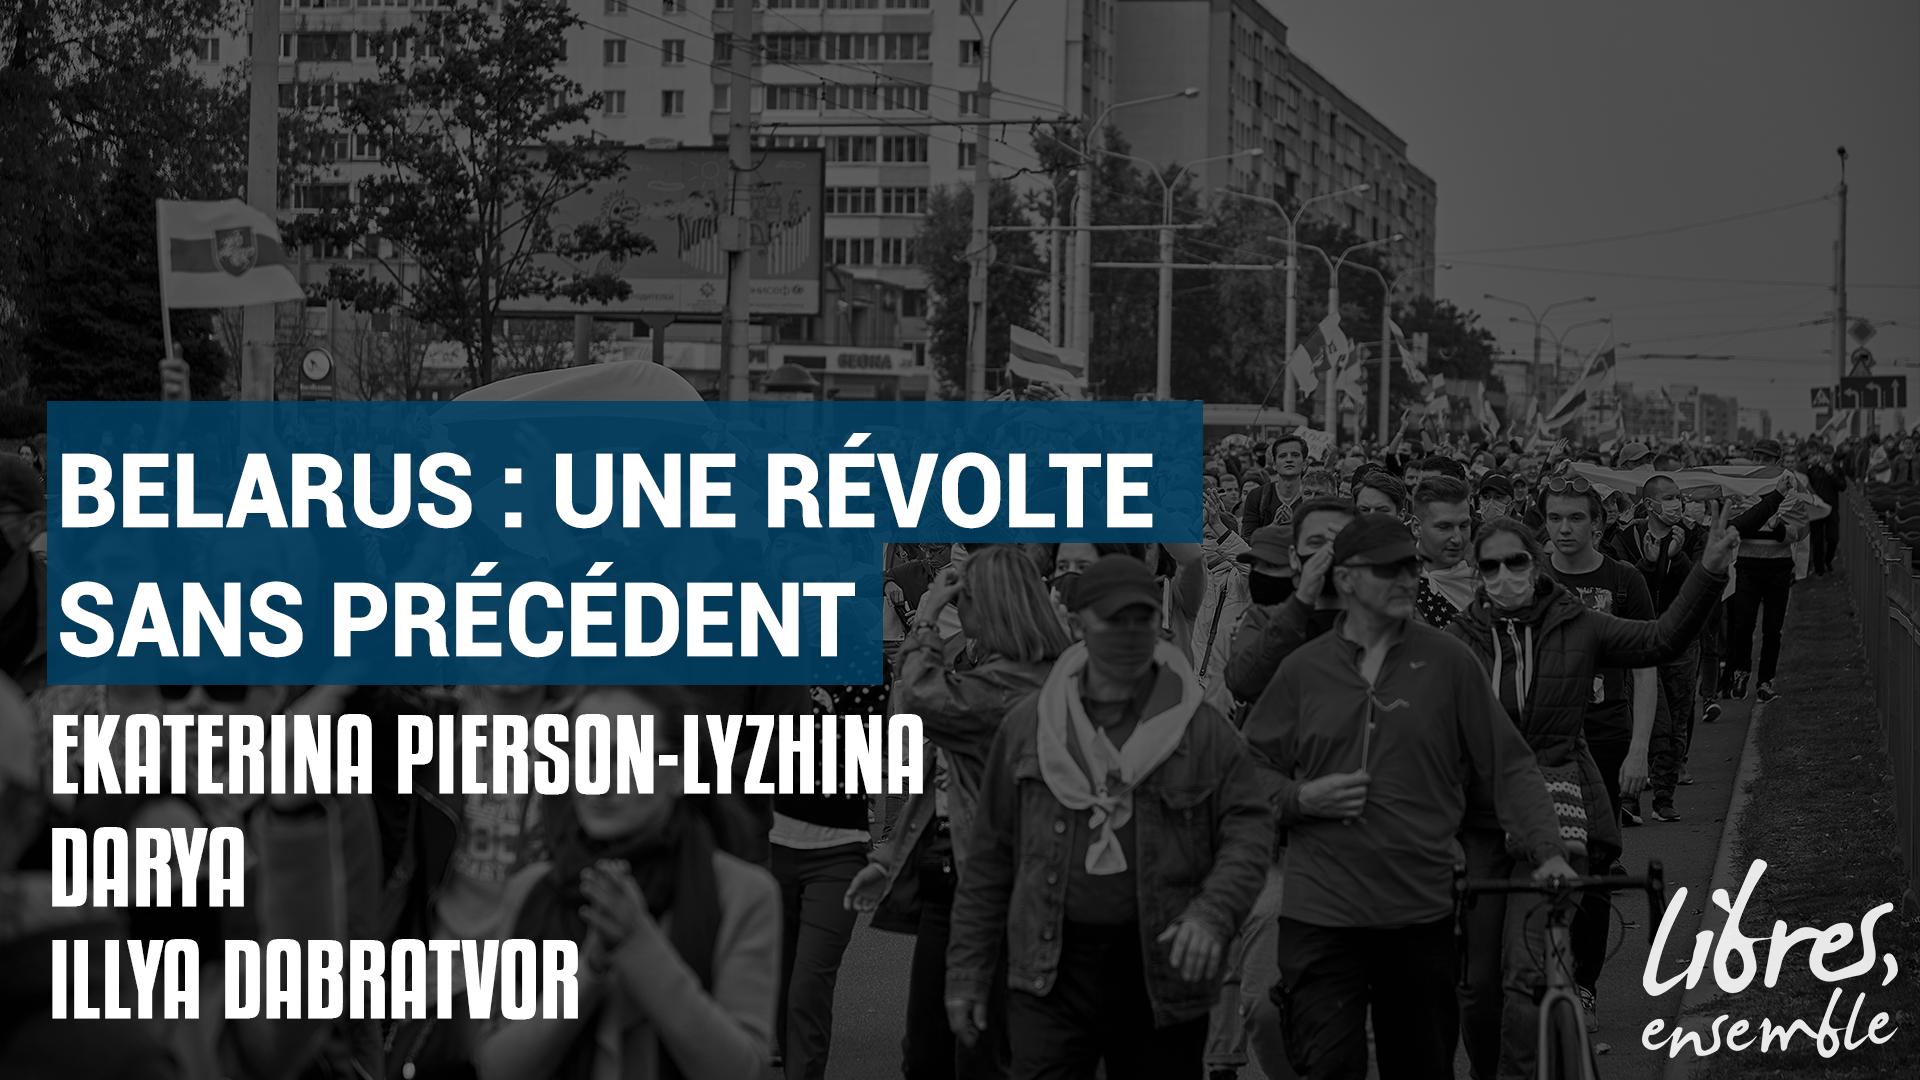 Belarus : une révolte sans précédent